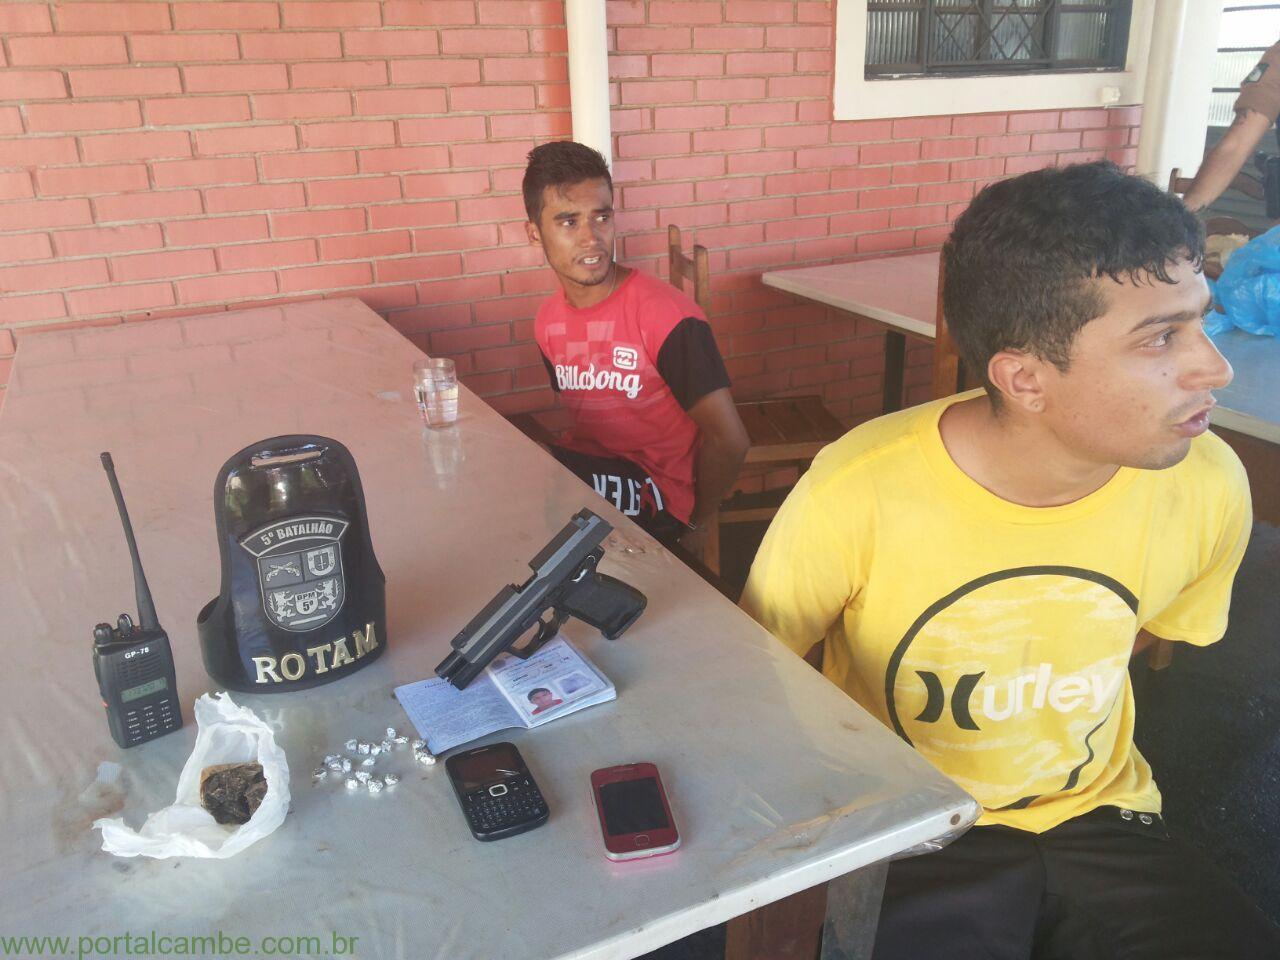 Polícia Militar prende dois jovens com drogas, Rádio da Polícia e uma arma (Vídeo)